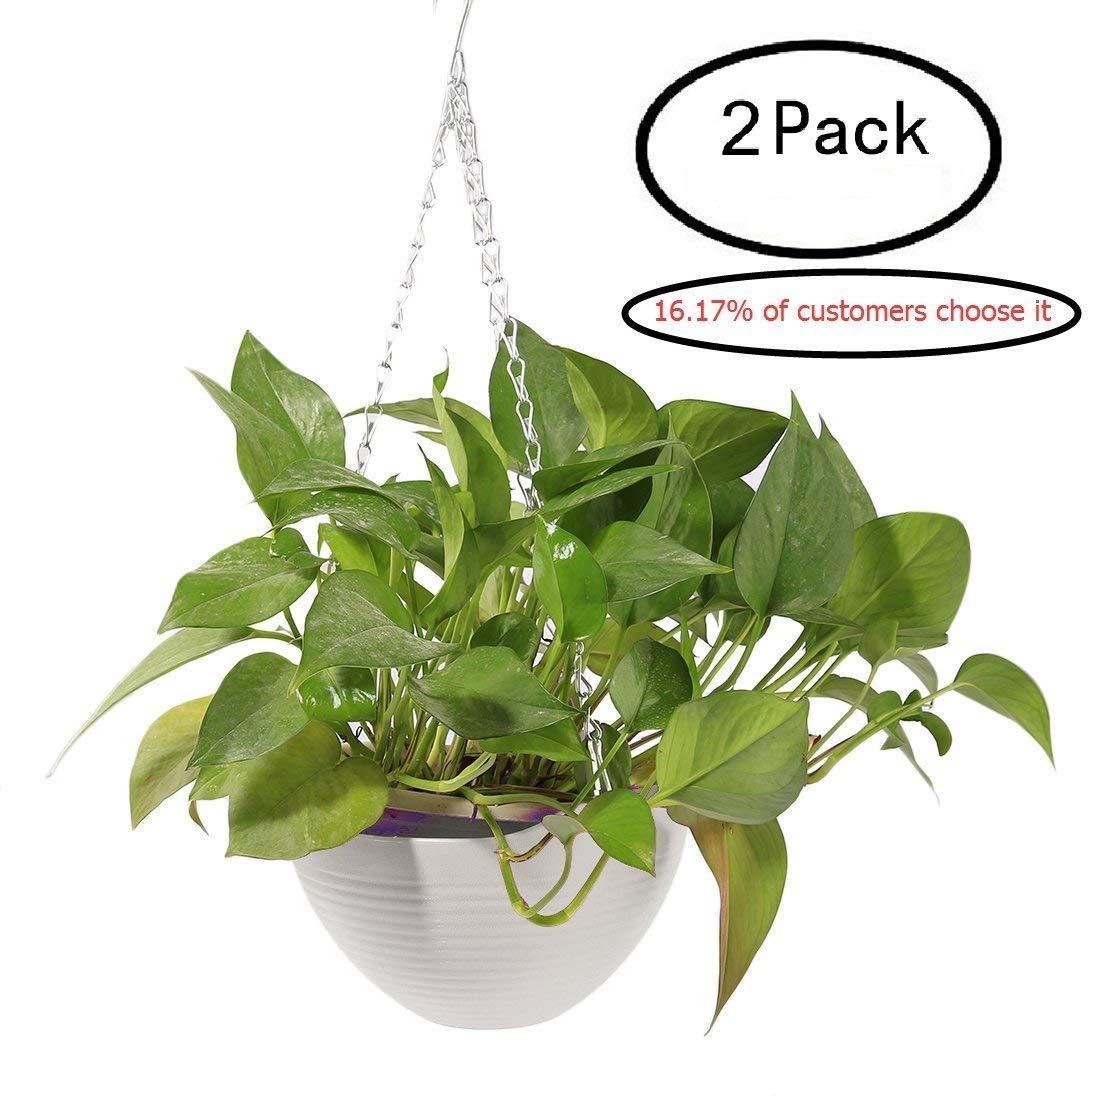 2Pcs Hanging Flower Plant Pots,Hmane Chain Plastic Basket Planter Holder Patio Home Decoration - 7.87x7.87x5.51inch